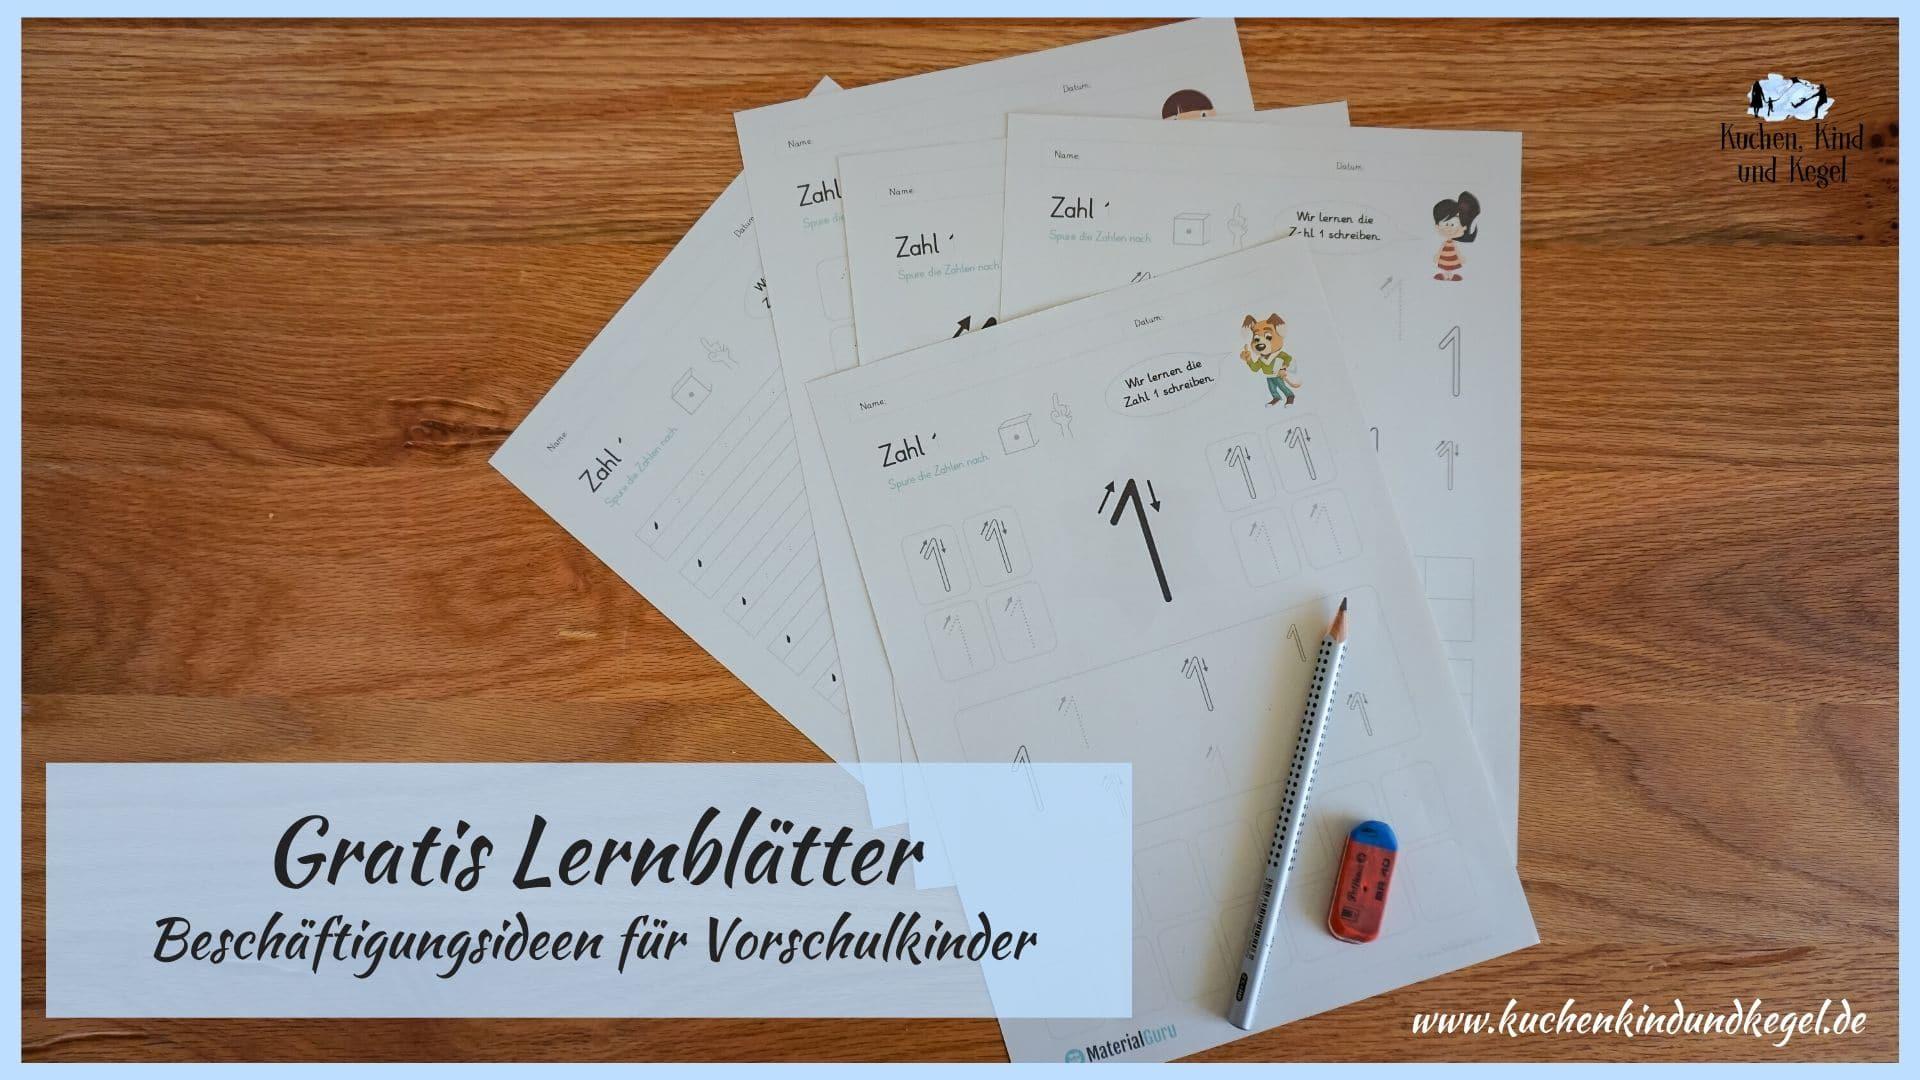 Gratis Lernblätter  Beschäftigungsideen für Vorschulkinder